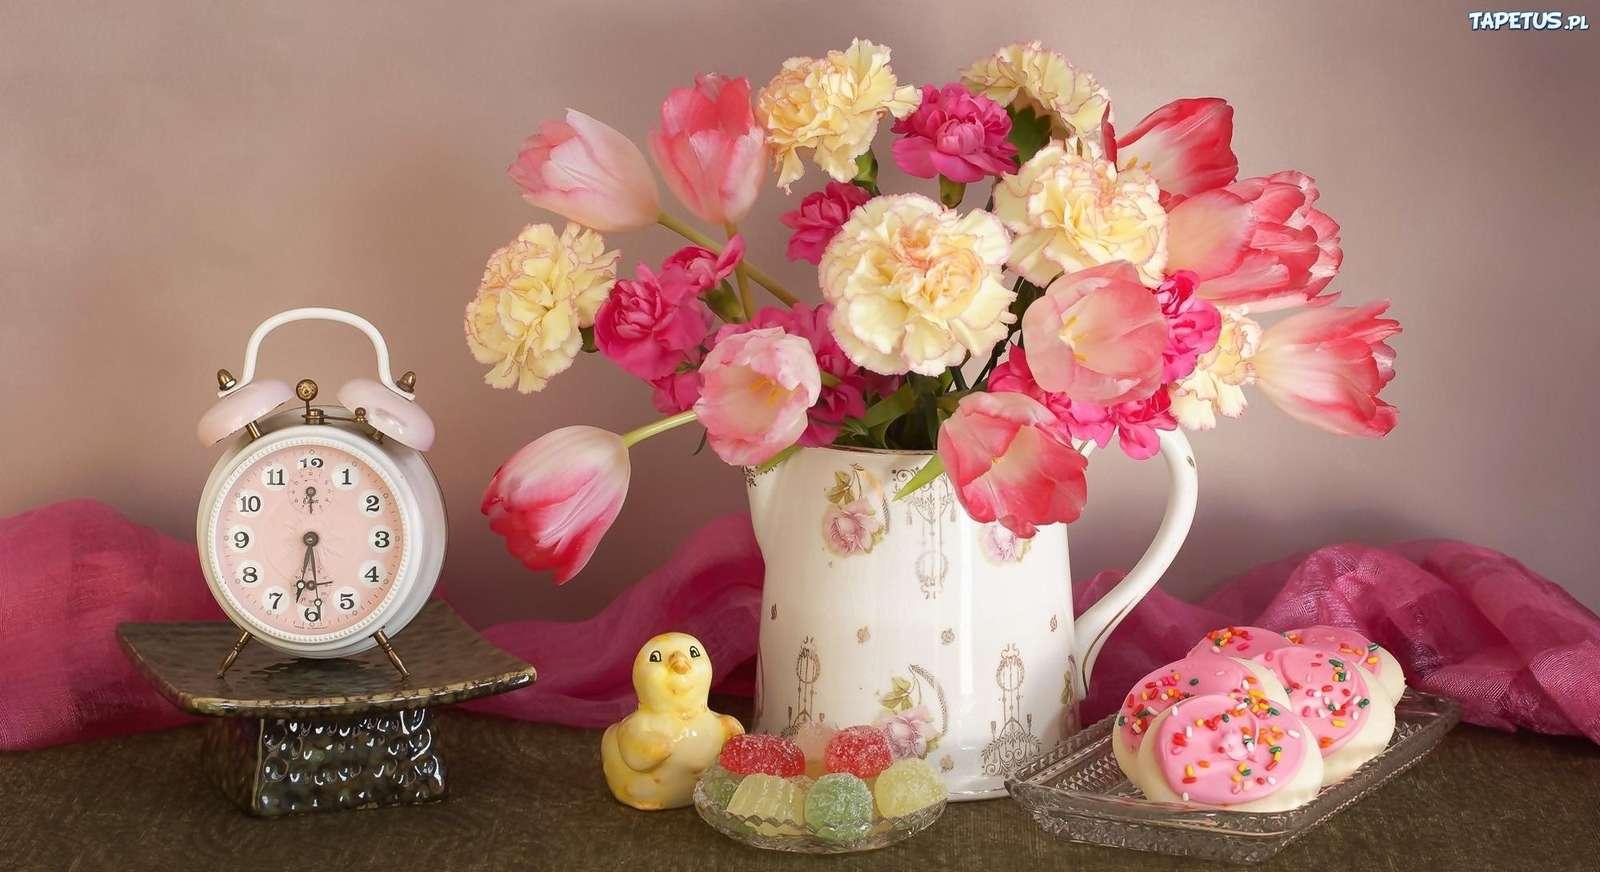 bloemen cd - verschillende soorten bloemen in een kruik en een wekker (10×10)